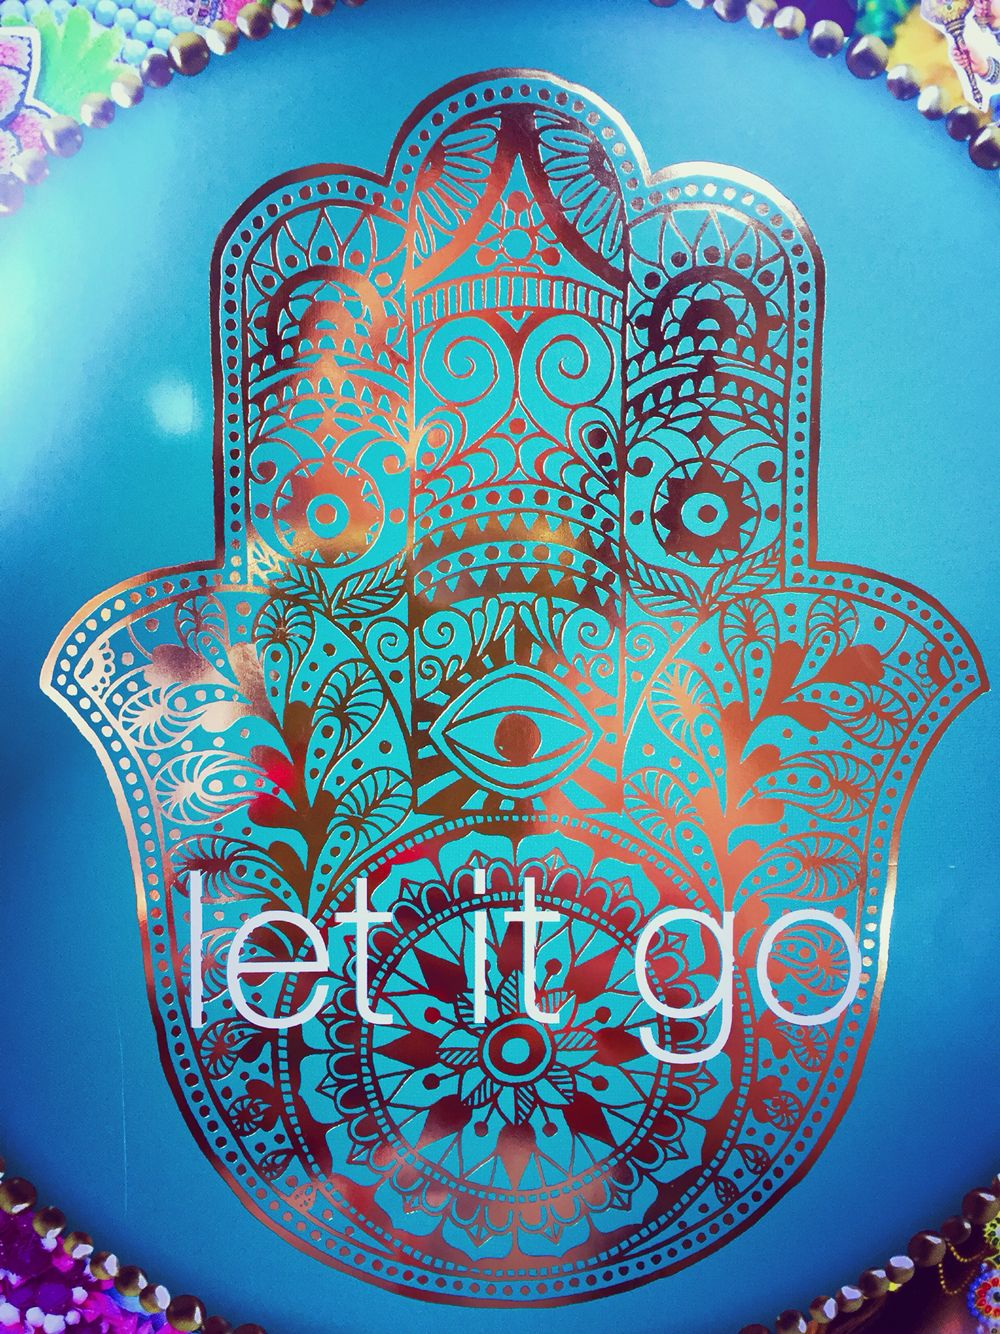 let it go from happinez magazine yoga quotes pinterest loslassen wohlbefinden und buddhismus. Black Bedroom Furniture Sets. Home Design Ideas